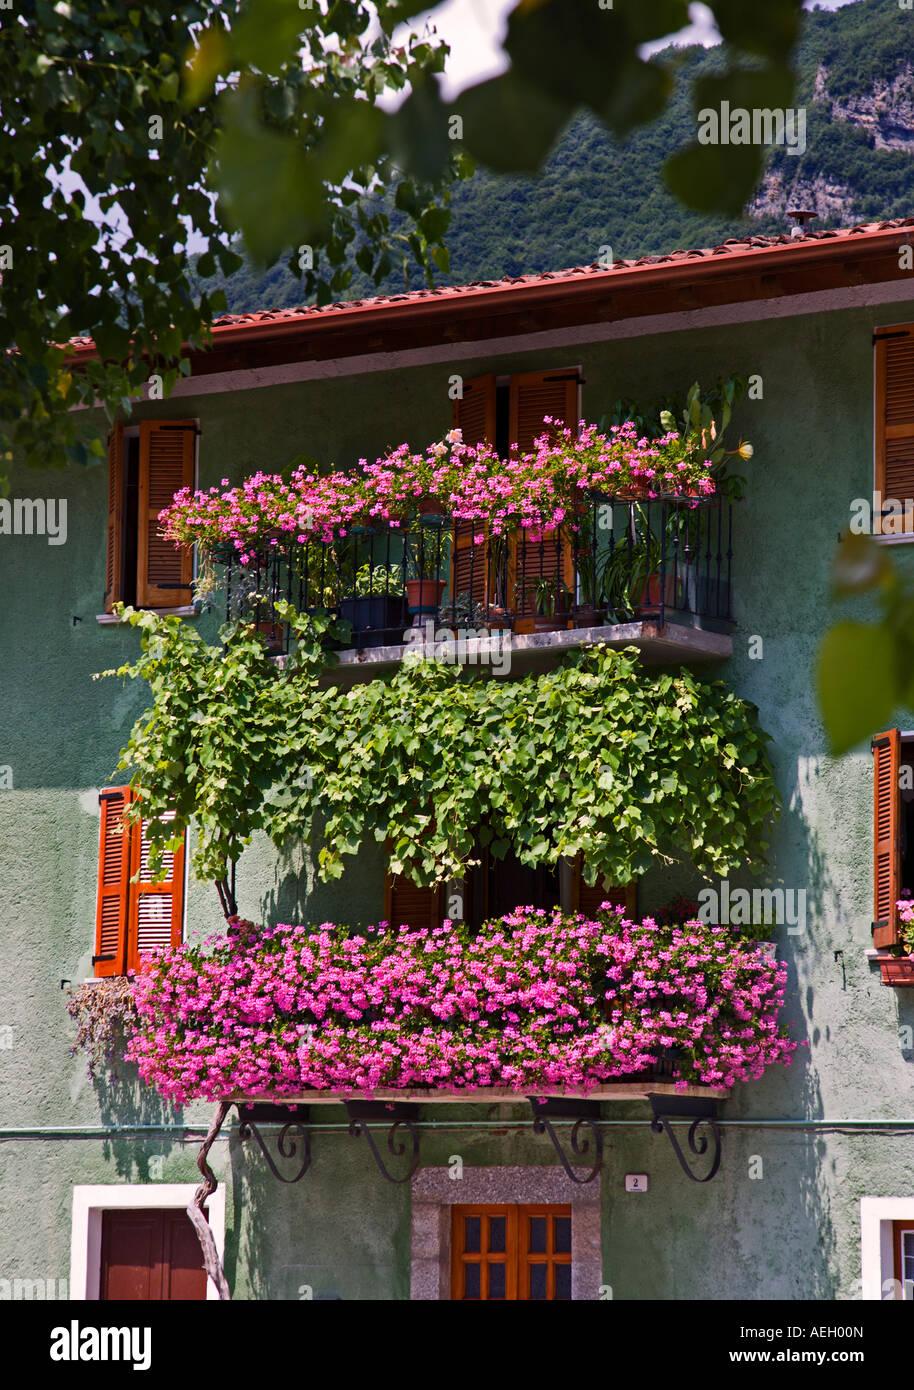 Balcon Avec Fleurs Et Plantes Grimpantes Crone Le Lac D Idro Lombardie Italie Photo Stock Alamy